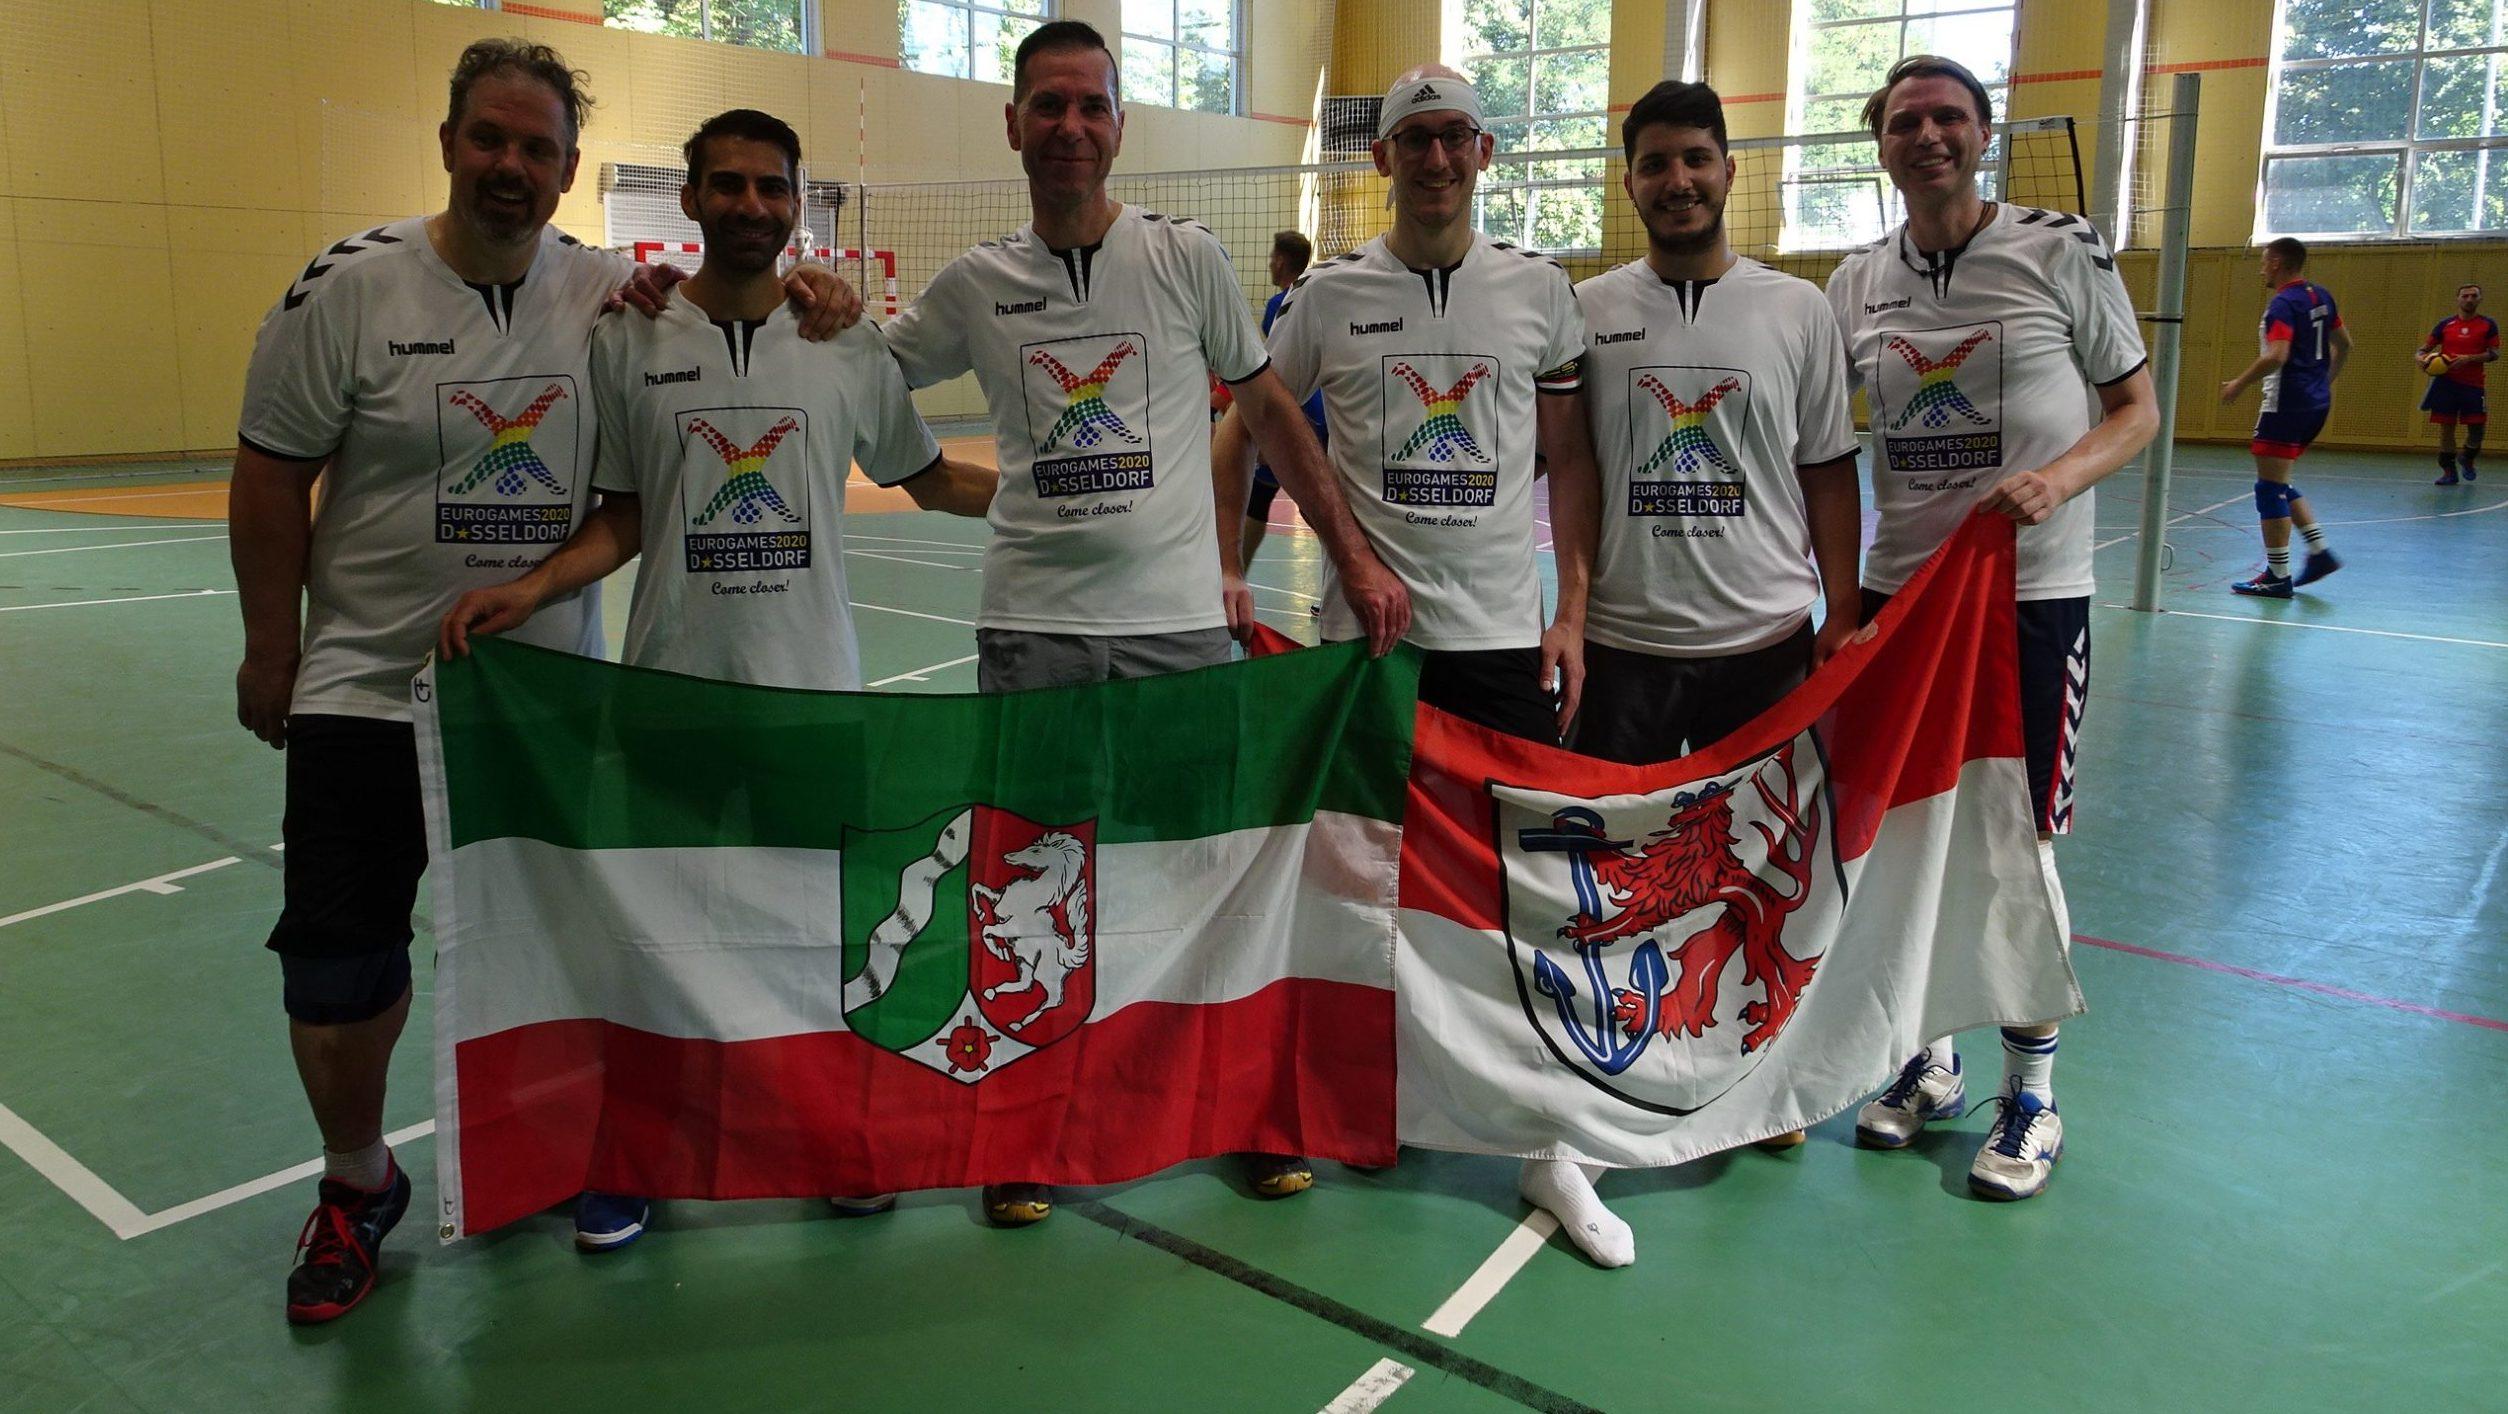 LSBTIQ+ Volleyballturnier in Warschau